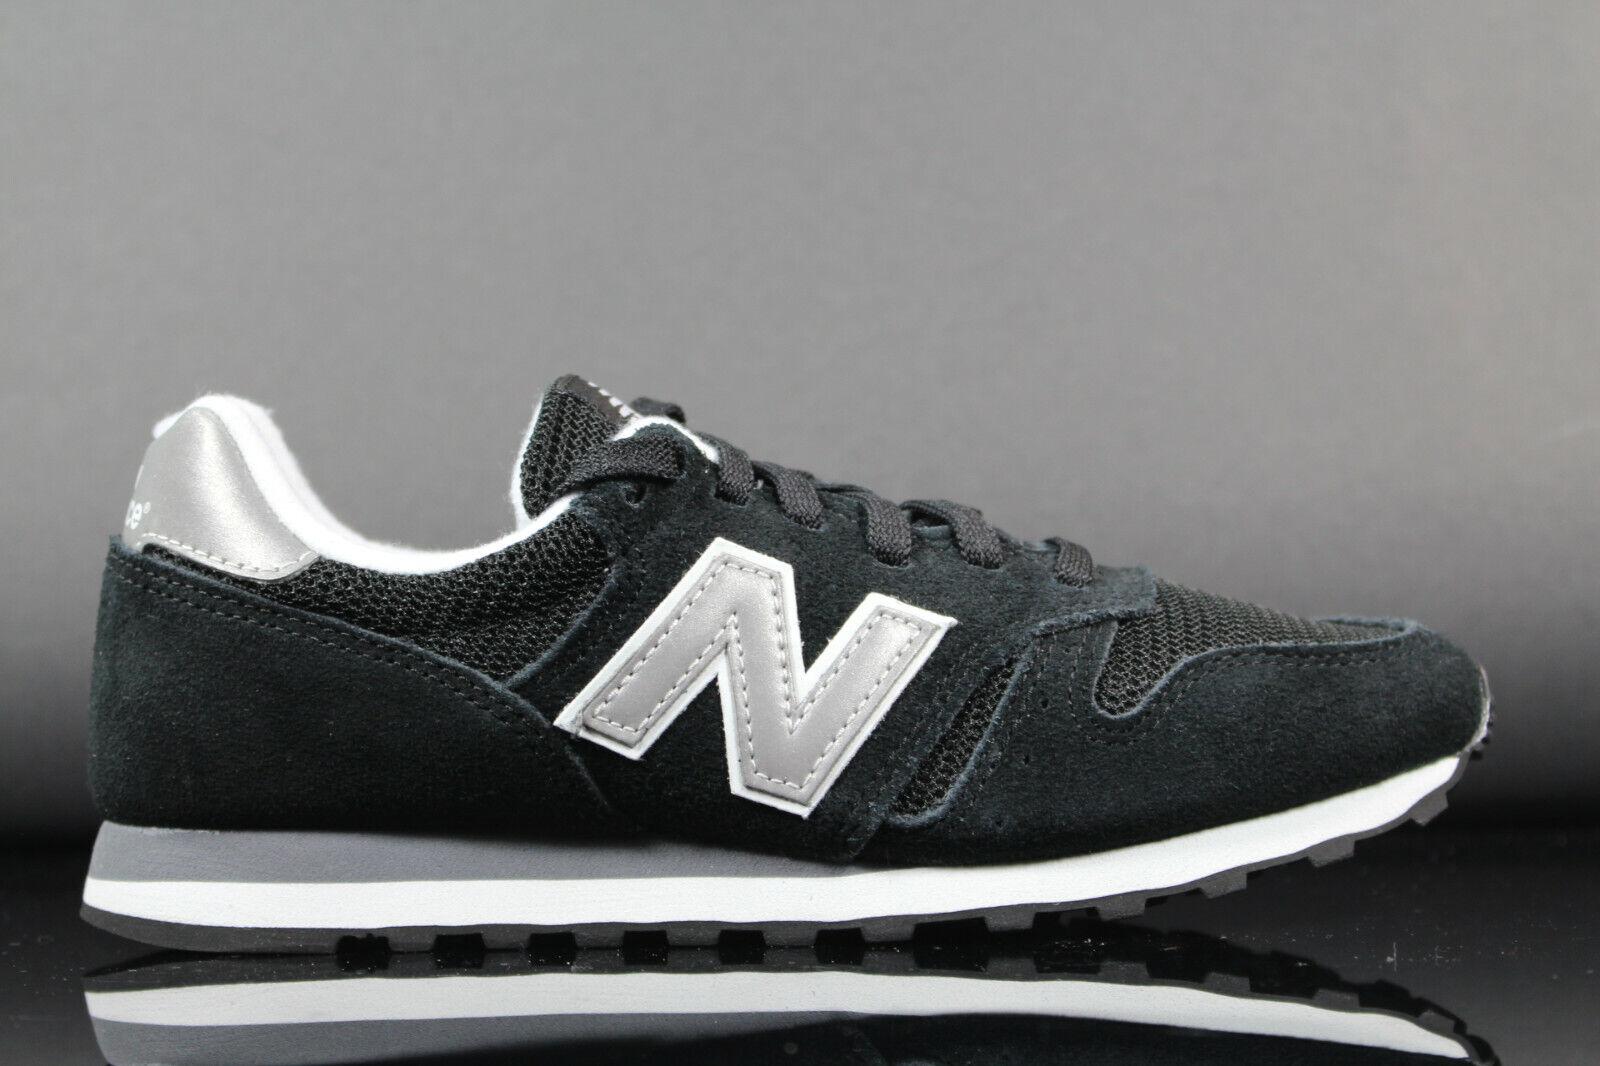 Neu New Balance WL373GRE Damen Turnschuhe Sportschuhe Schuhe Turnschuhe Freizeit